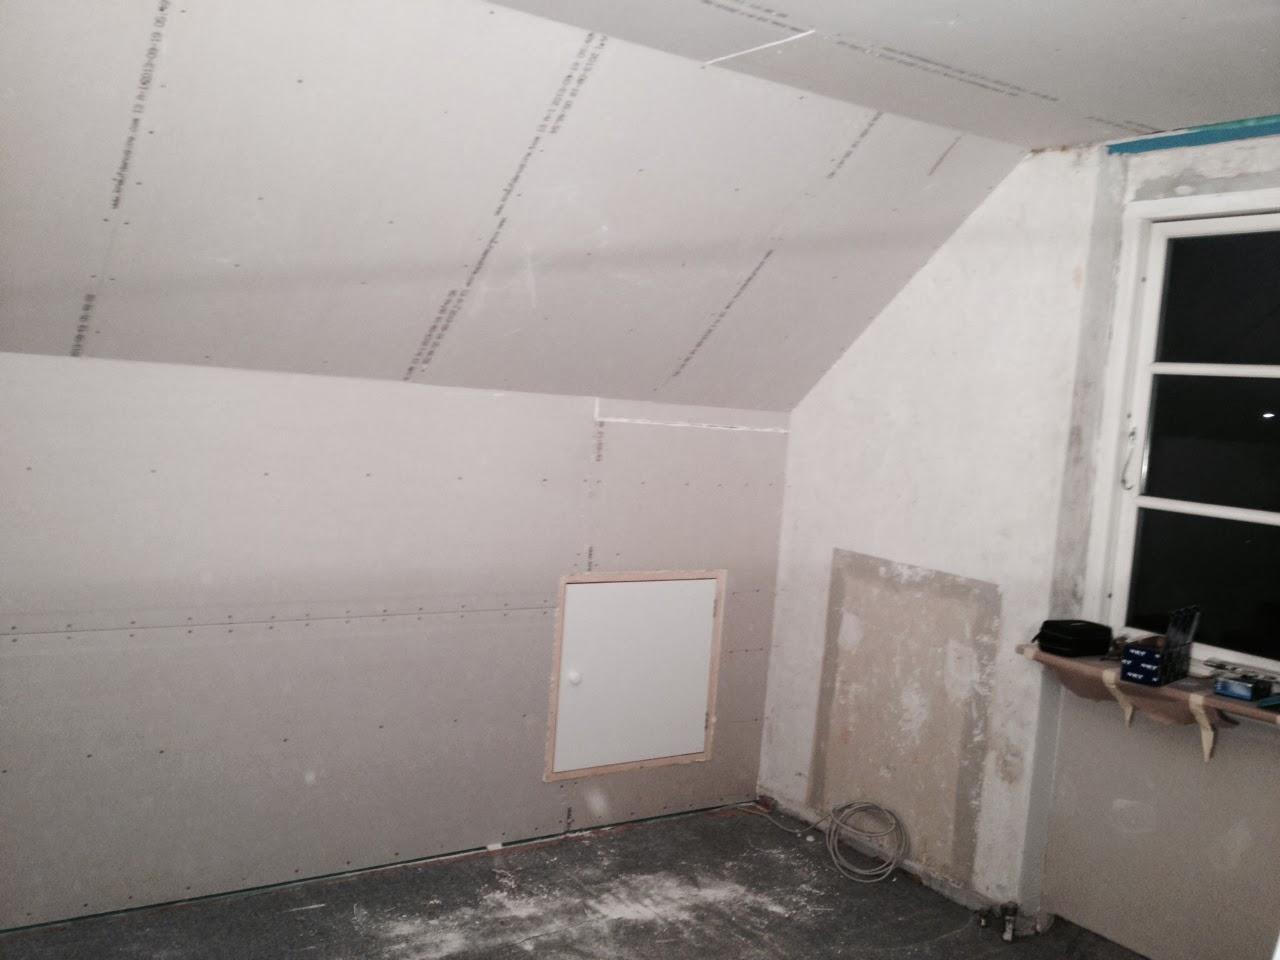 johansens journaler milles v relse klar til maleren. Black Bedroom Furniture Sets. Home Design Ideas